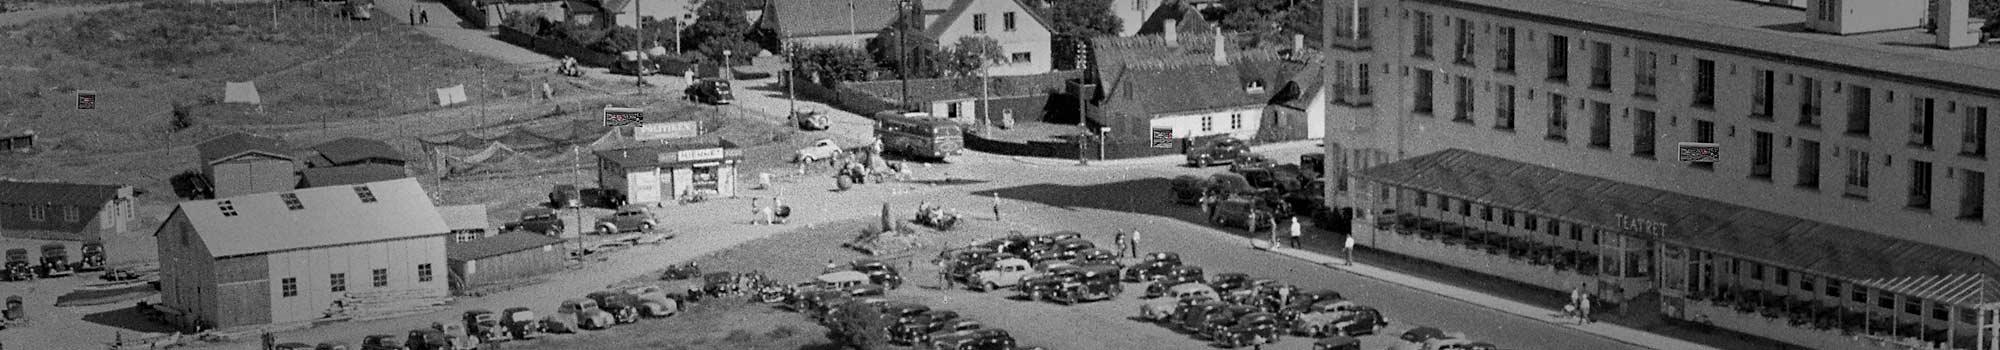 havnekiosk-40s-slide